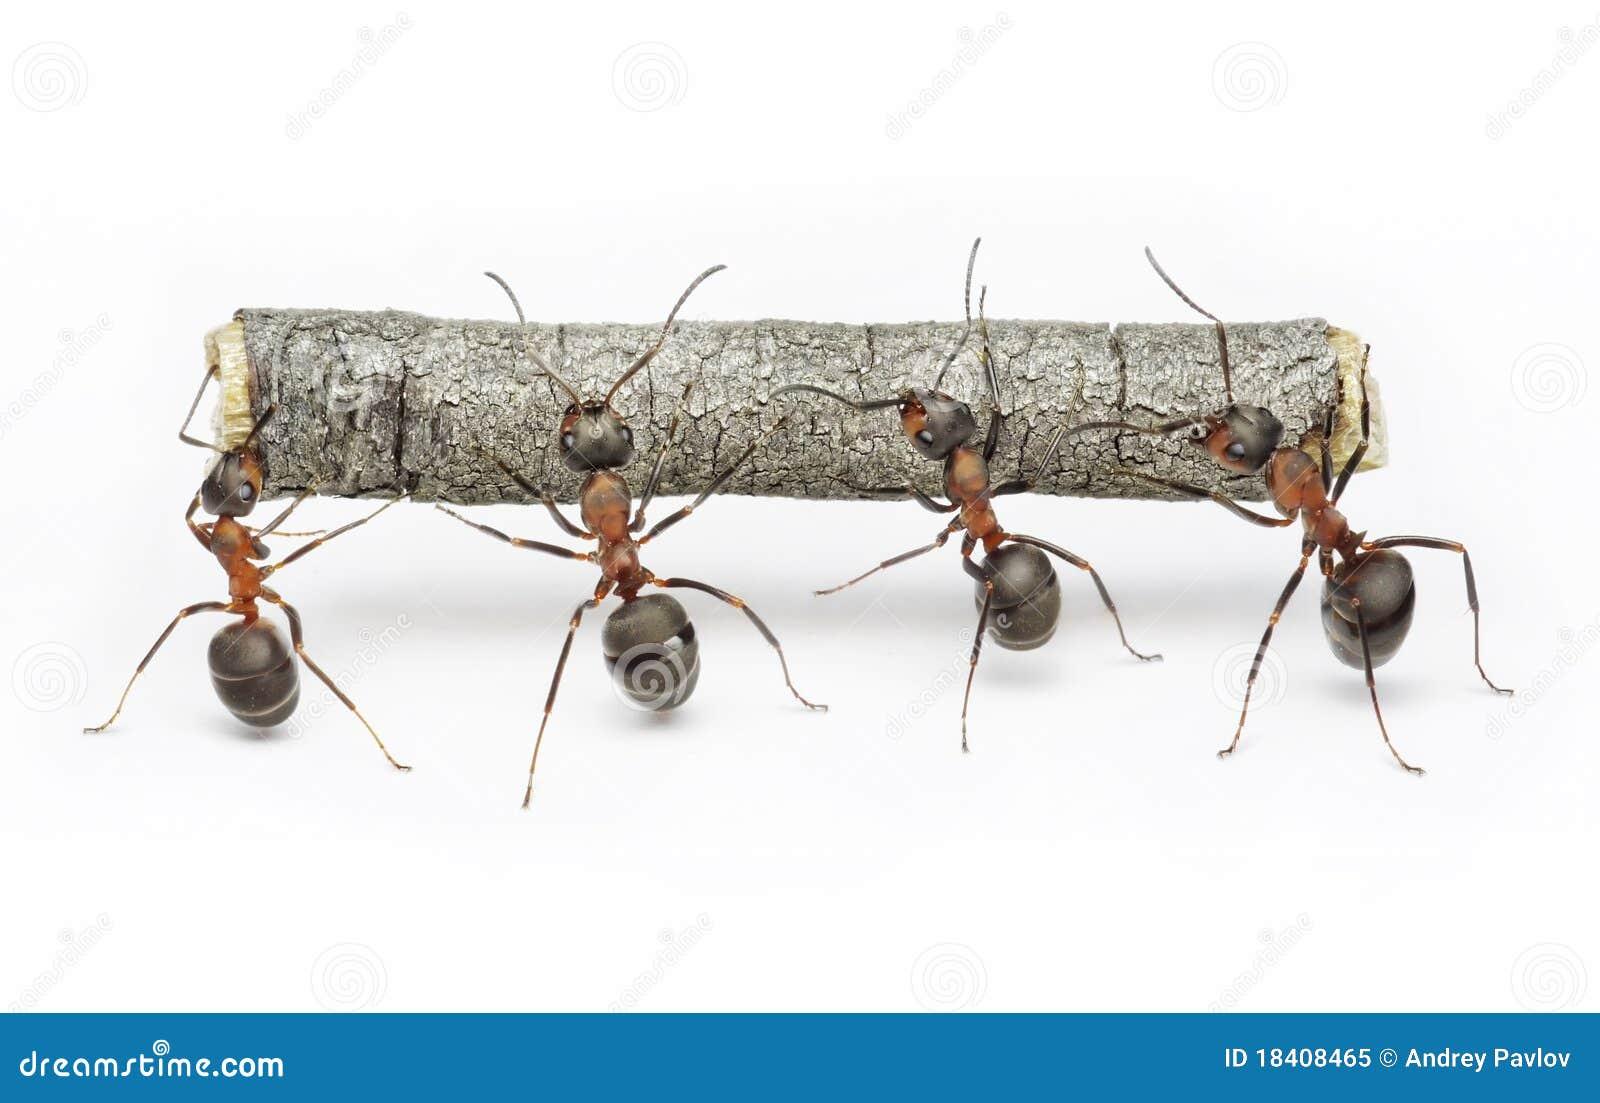 La squadra di formiche funziona con il libro macchina, lavoro di squadra